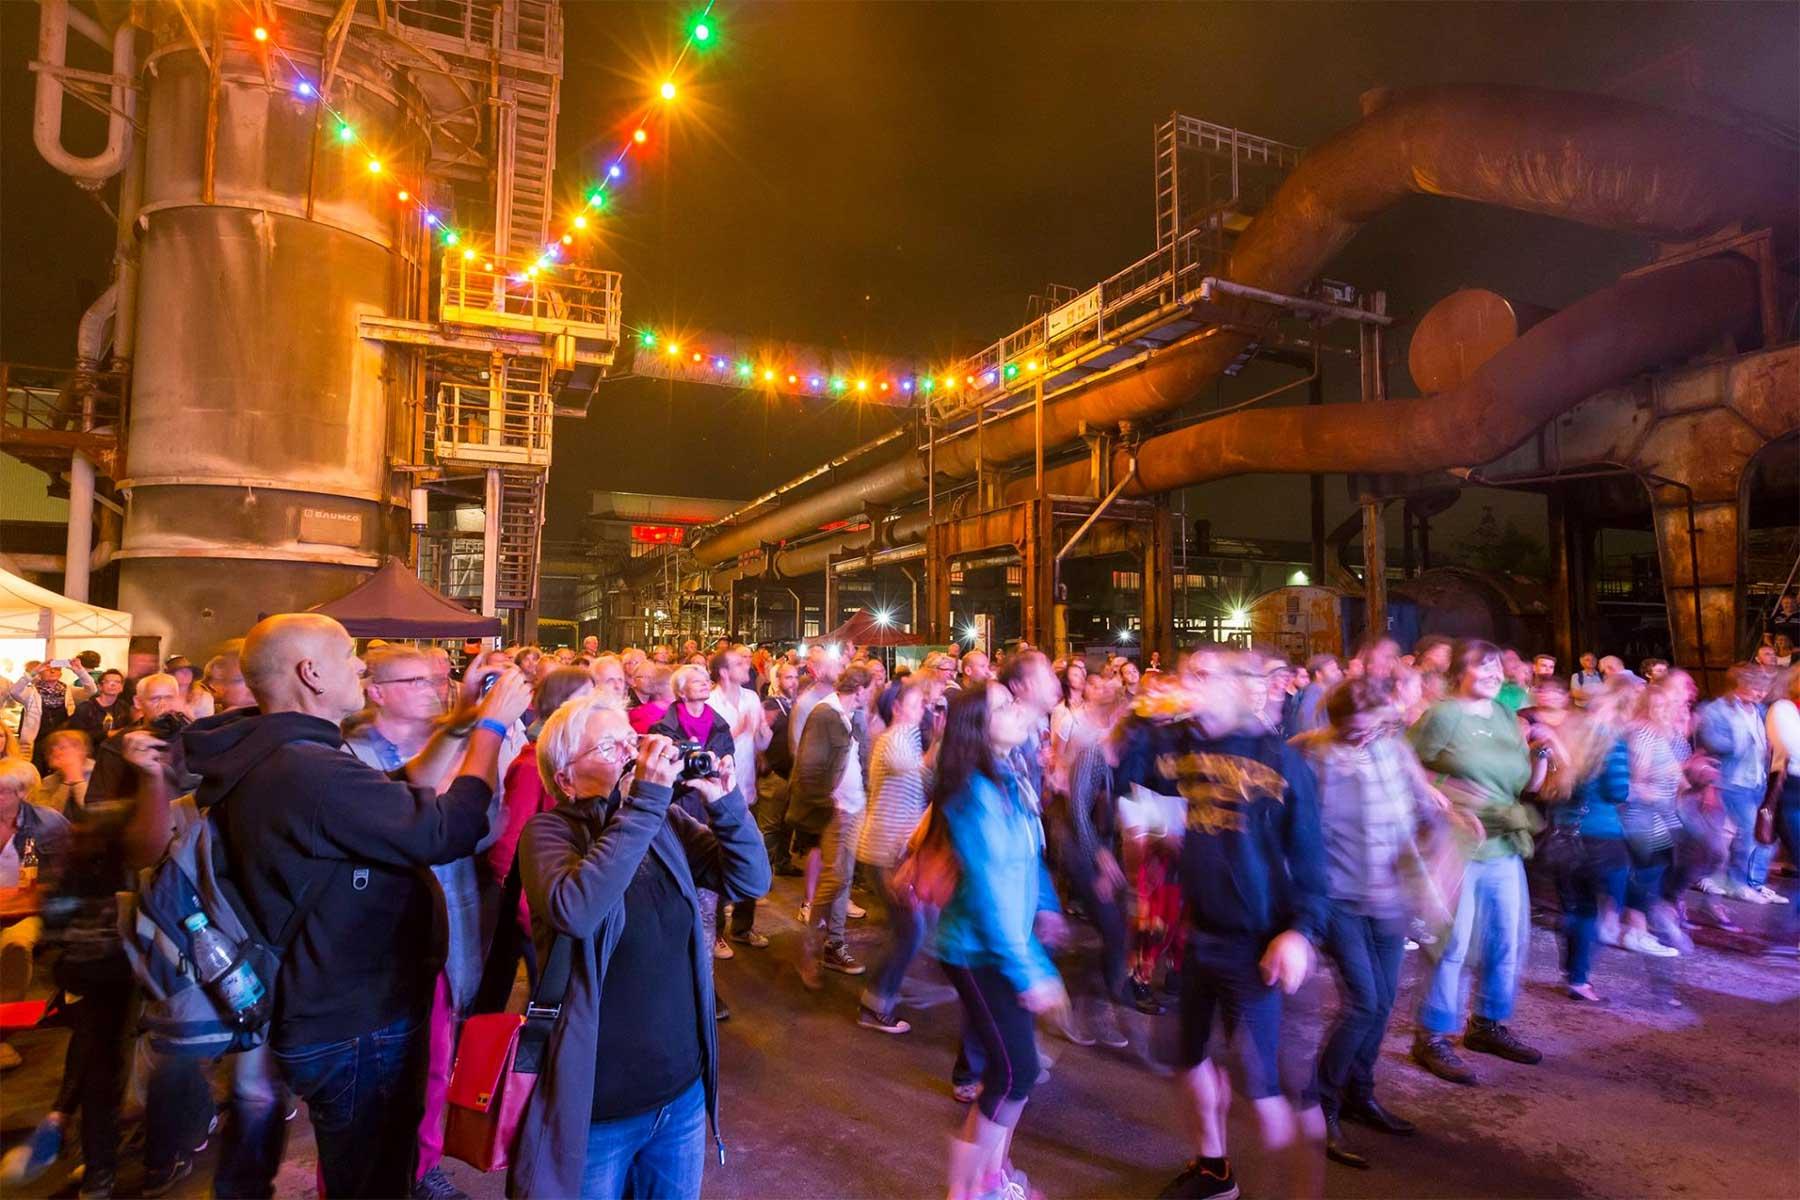 Veranstaltungs-Tipp: Samstag ist ExtraSchicht in der Metropole Ruhr